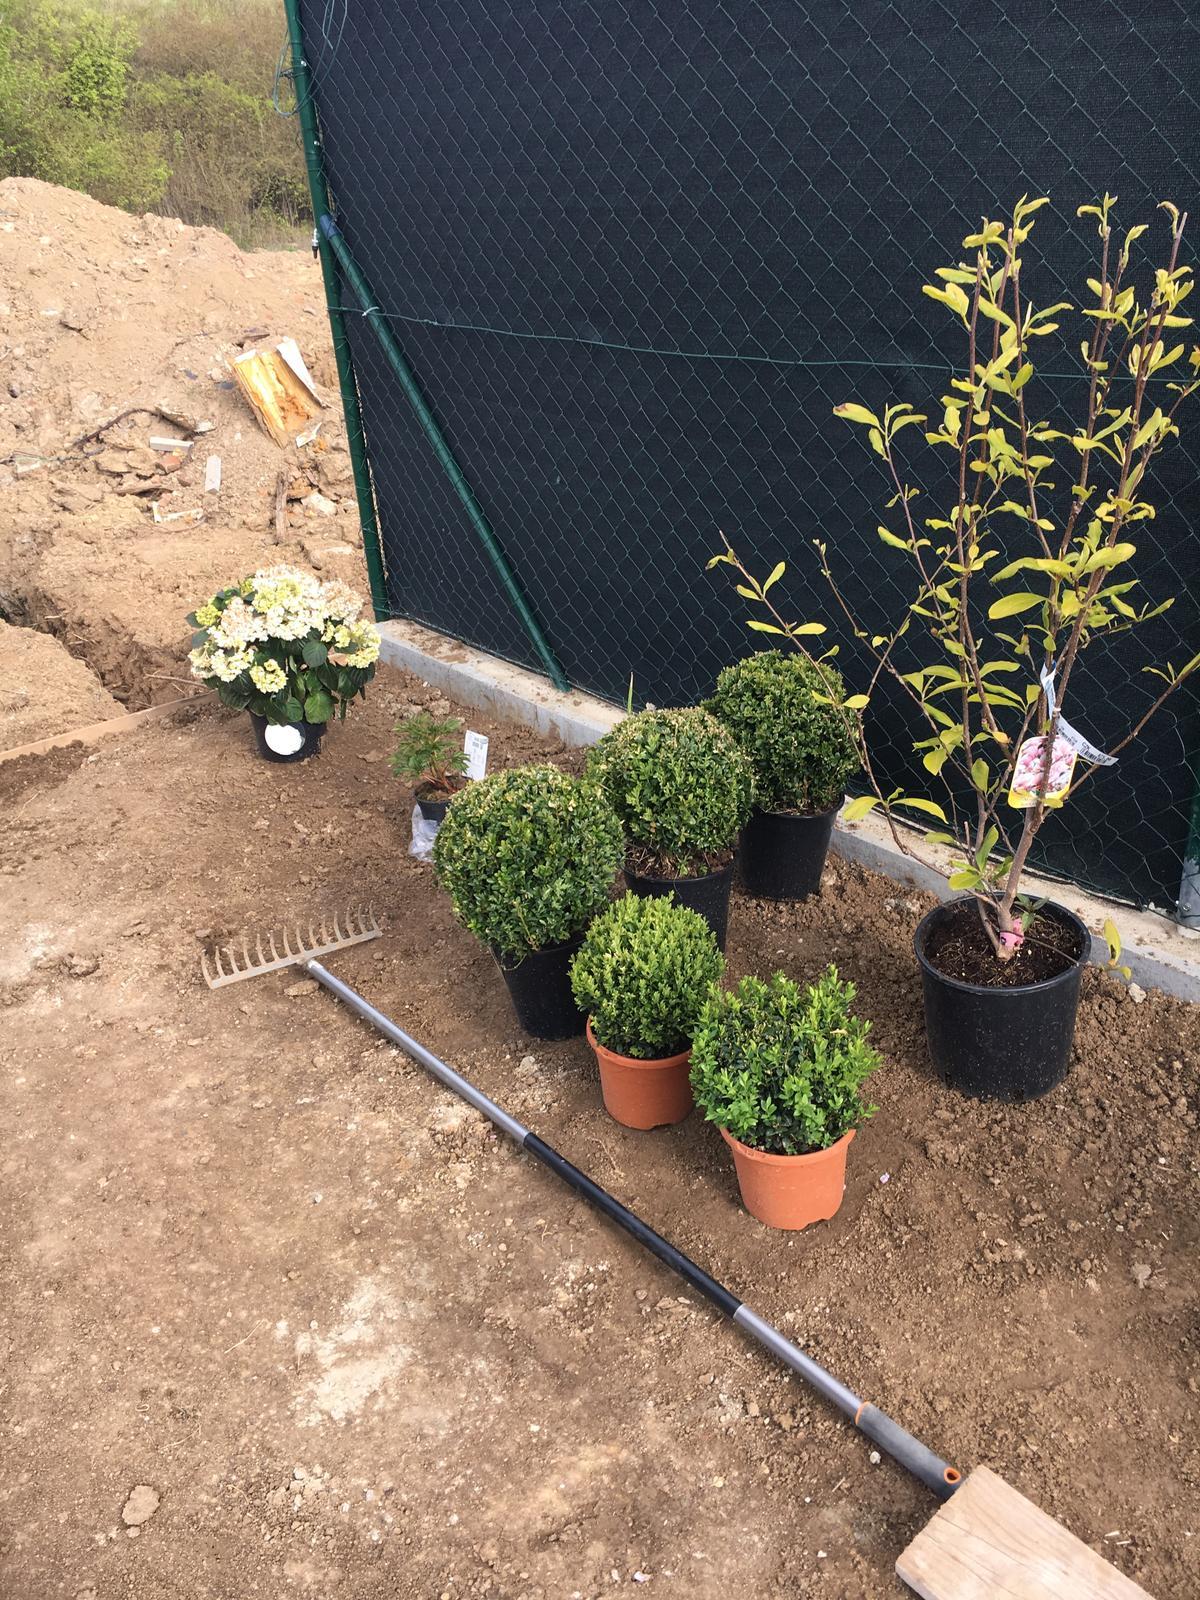 Exteriér domu snů - Buxusy budou jednotne velký a místo magnolie tam bude převislý jehličnan salix